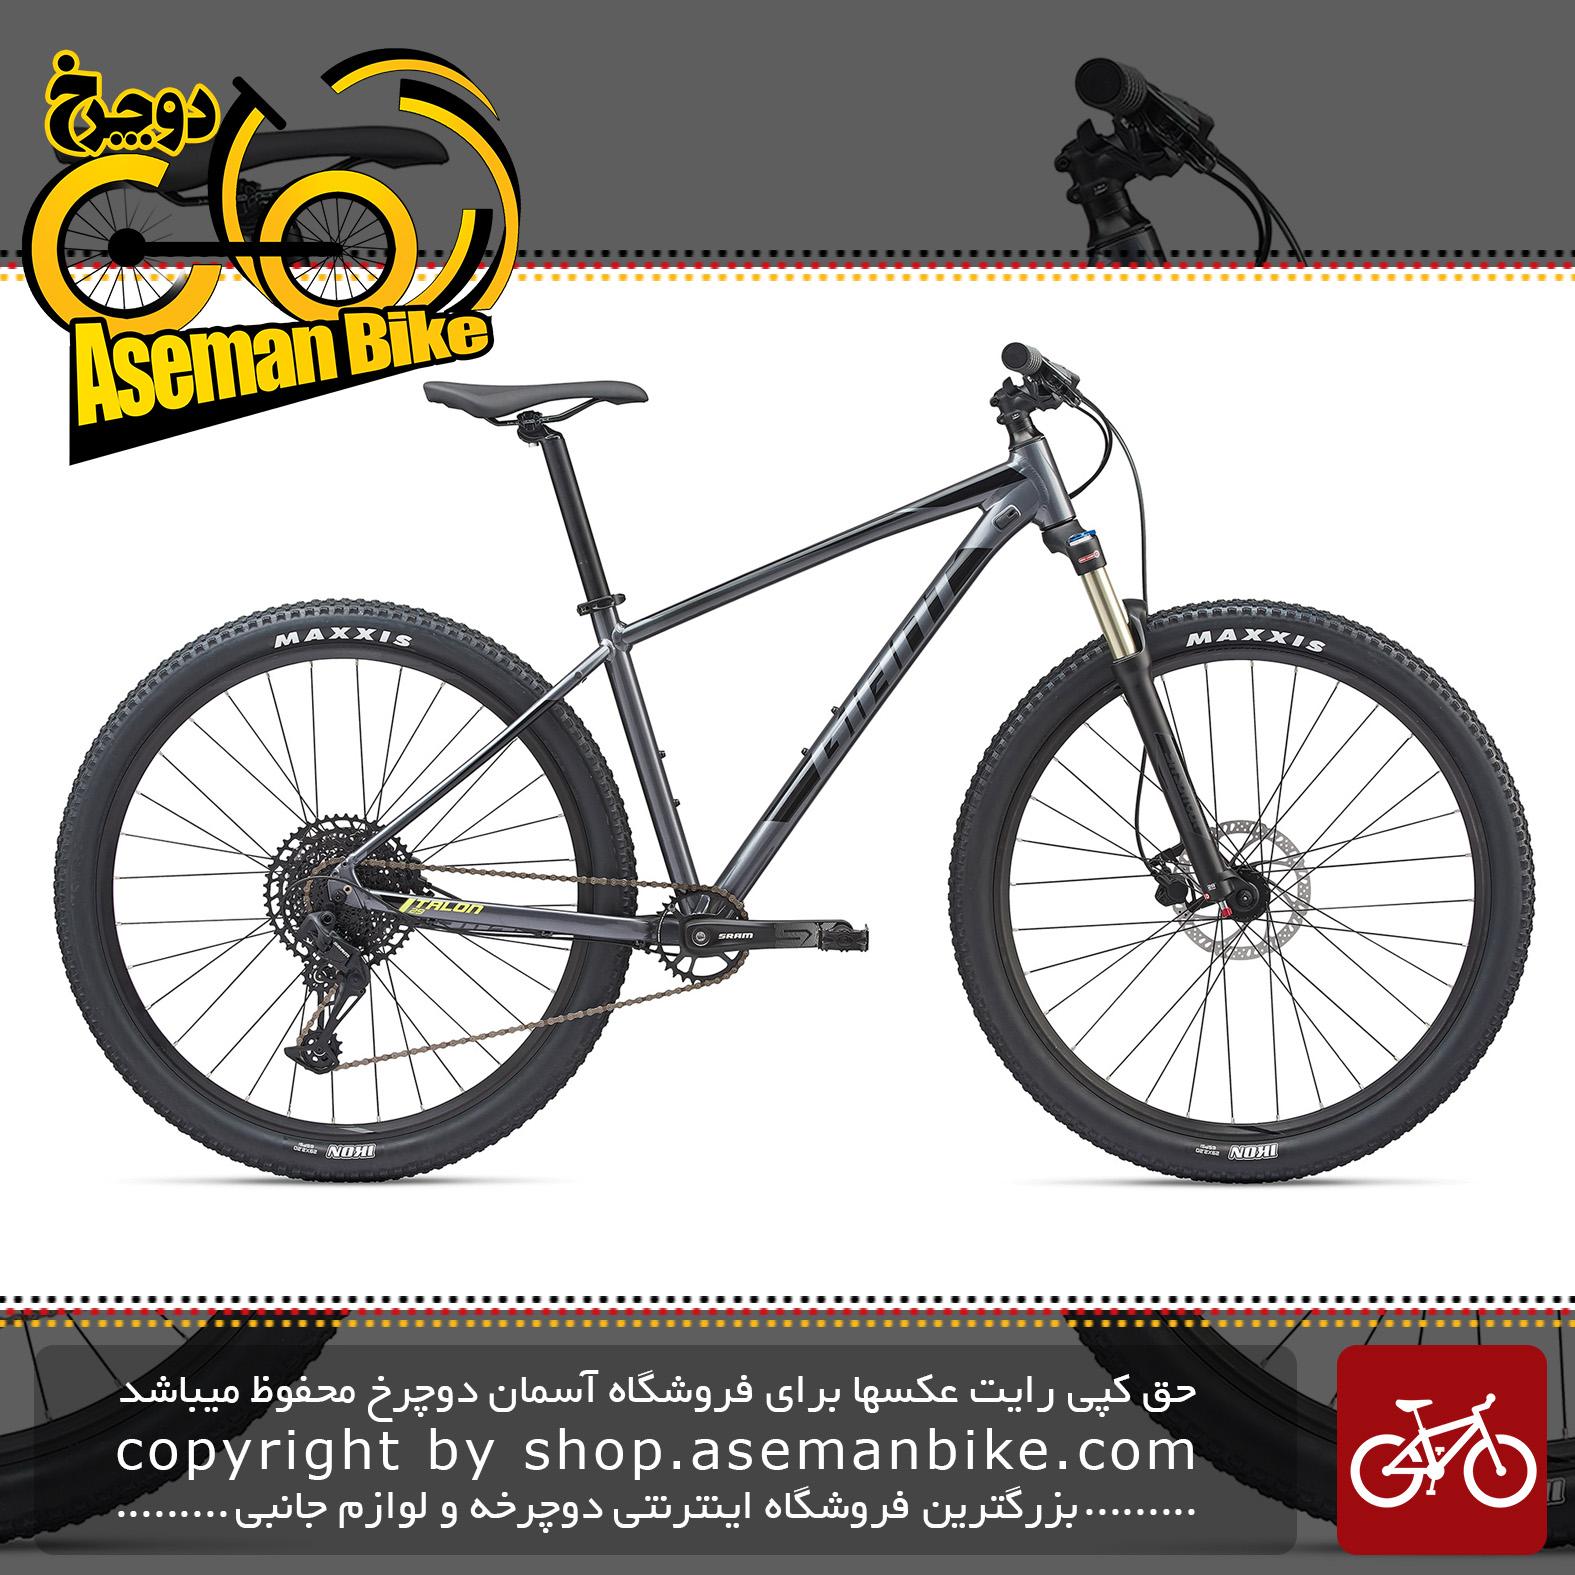 دوچرخه کوهستان جاینت مدل تالون 29 اینچ 1 2020 Giant Mountain Bicycle Talon 29 1 2020